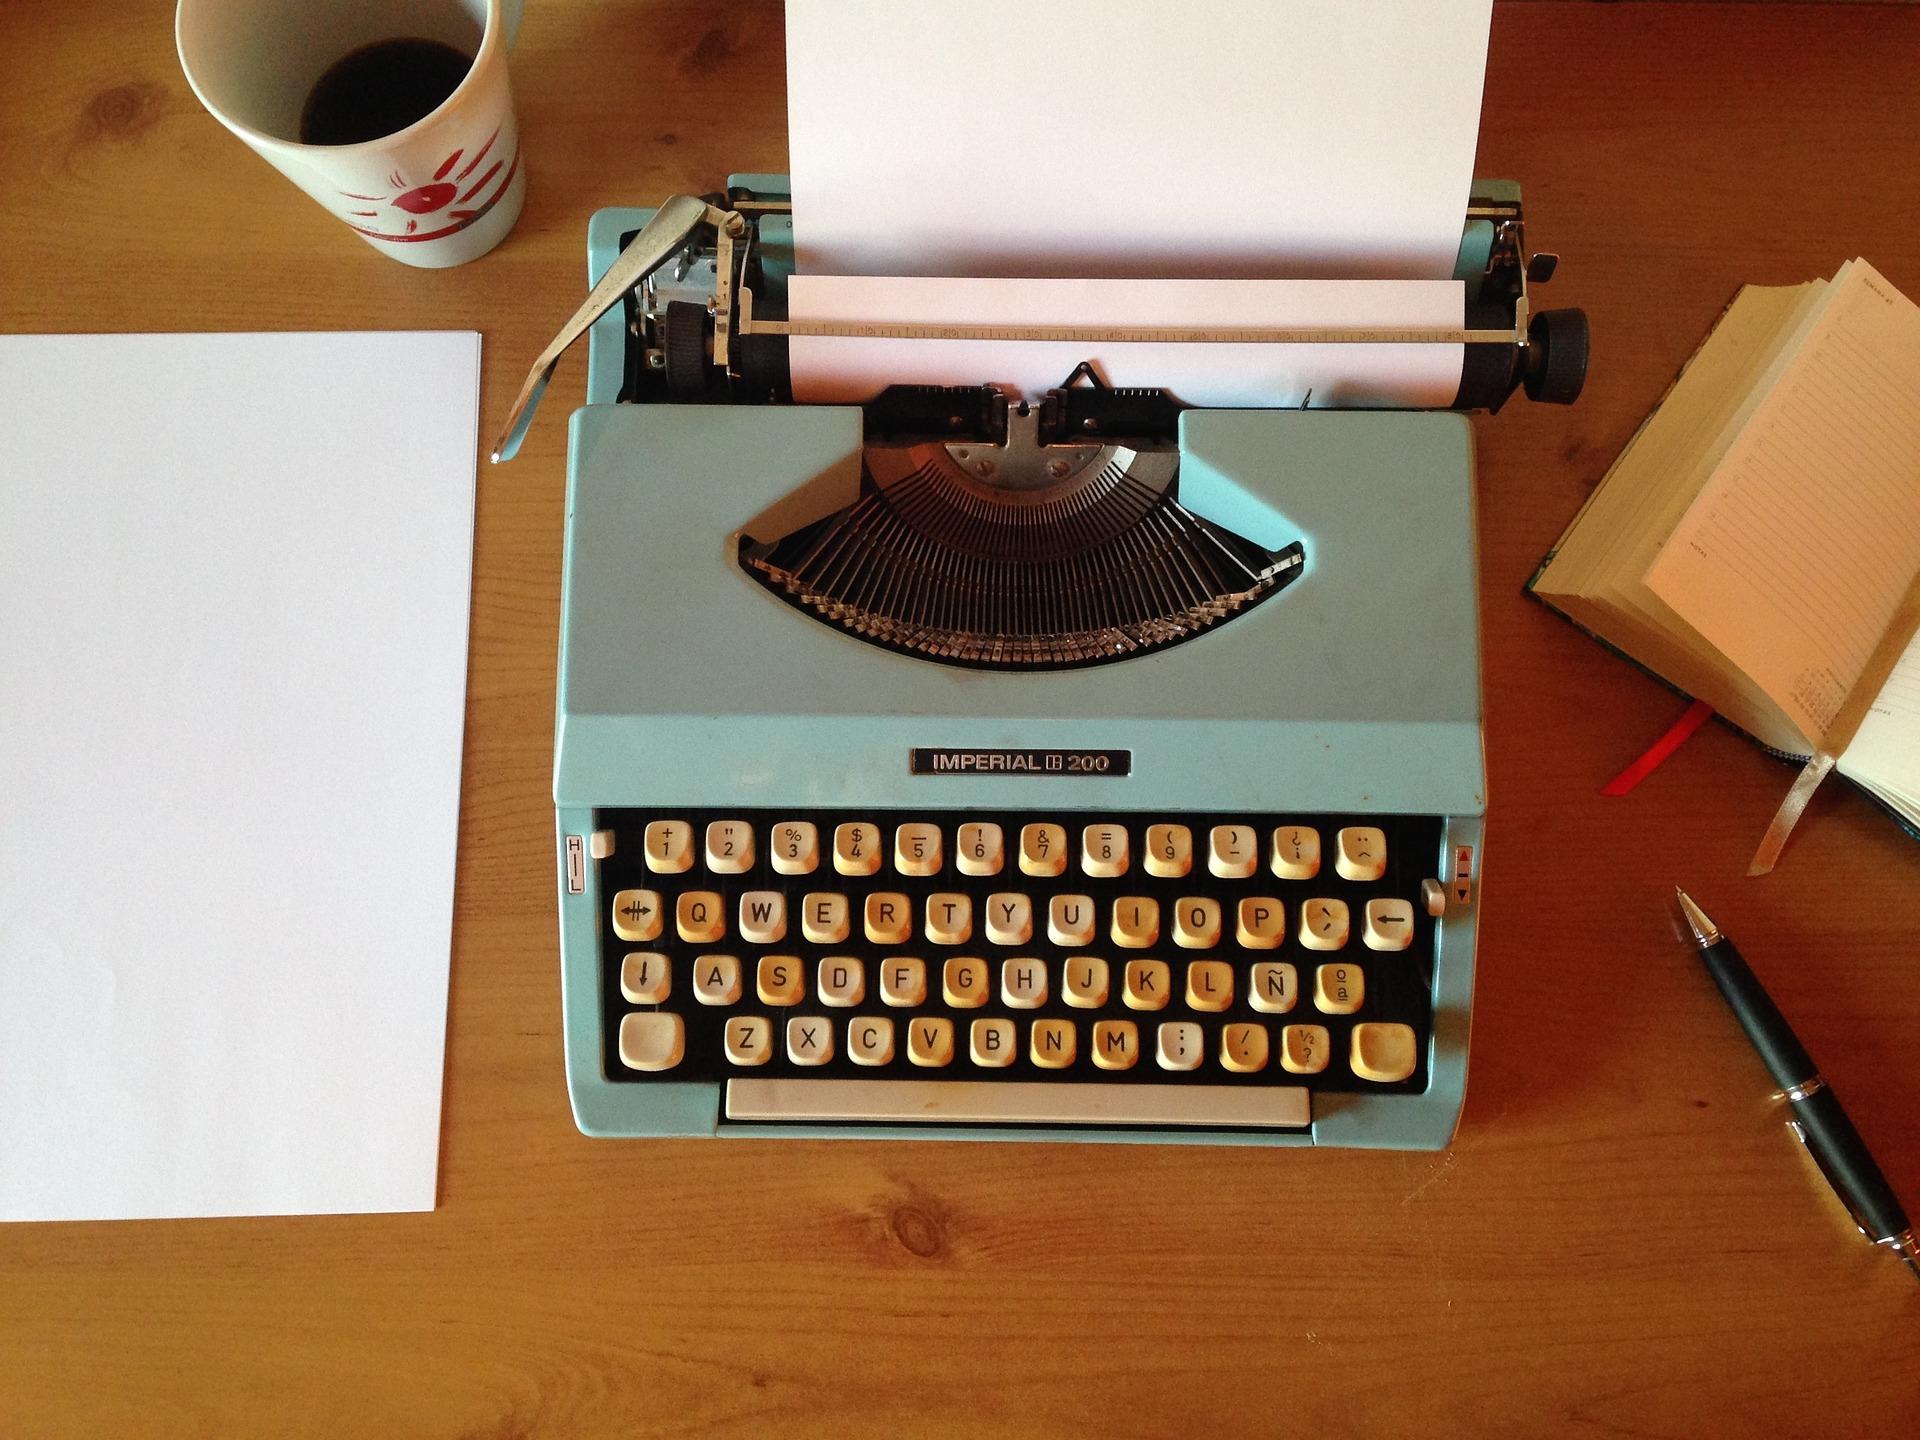 machine-writing-1035292_1920